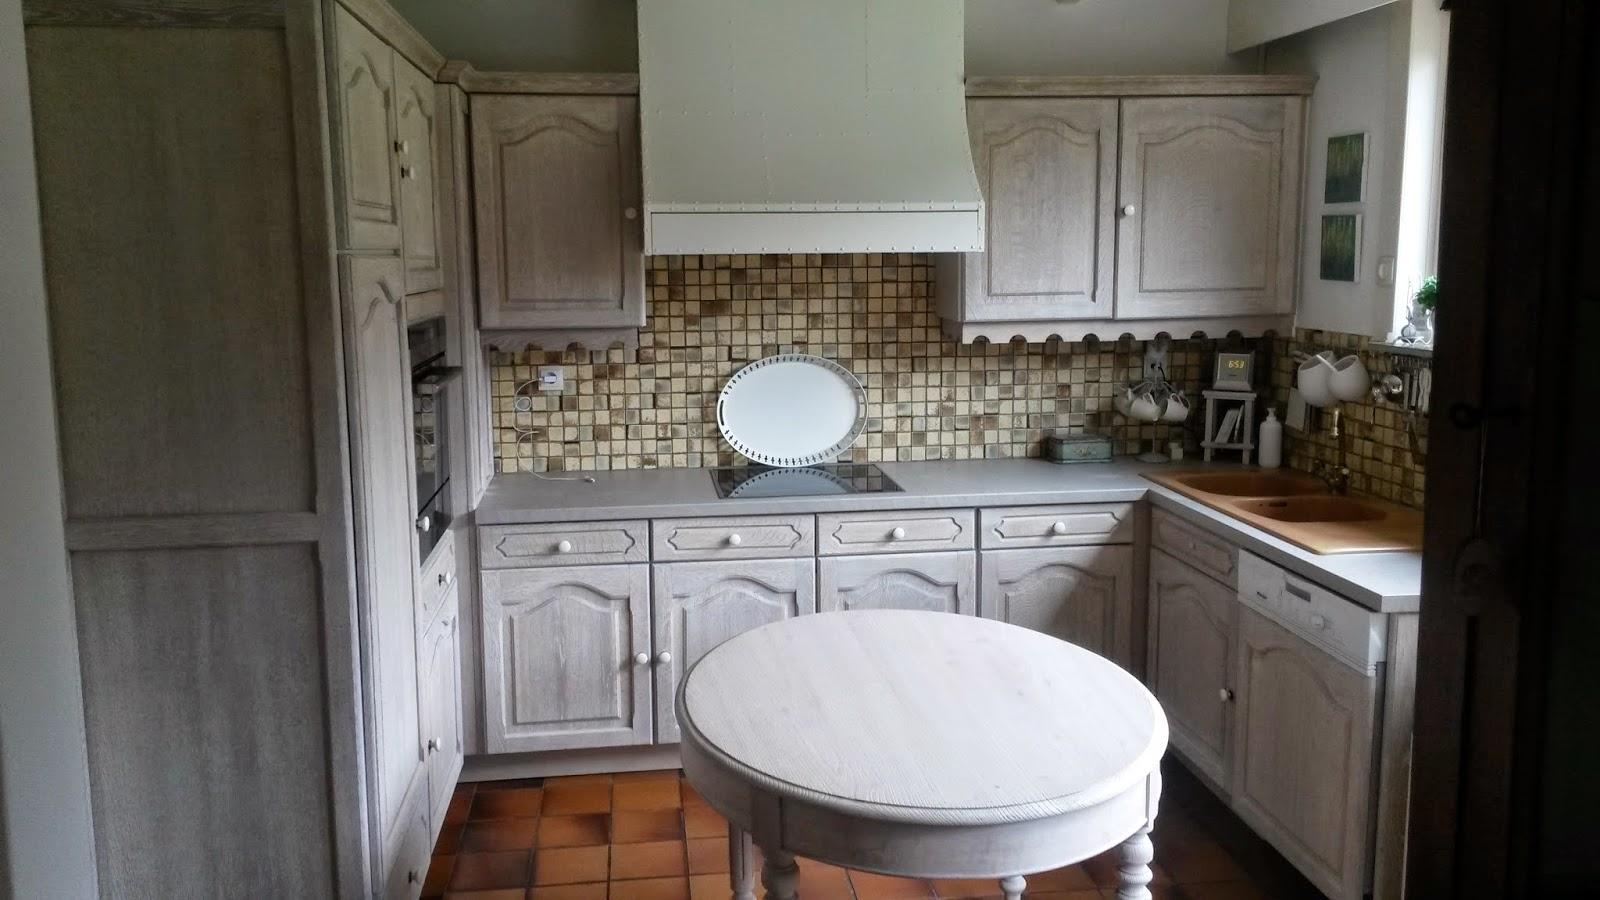 Hoe Een Eiken Keuken Schilderen : Renovatie van eiken keukens: Renovatie van een eiken keuken te Lauwe